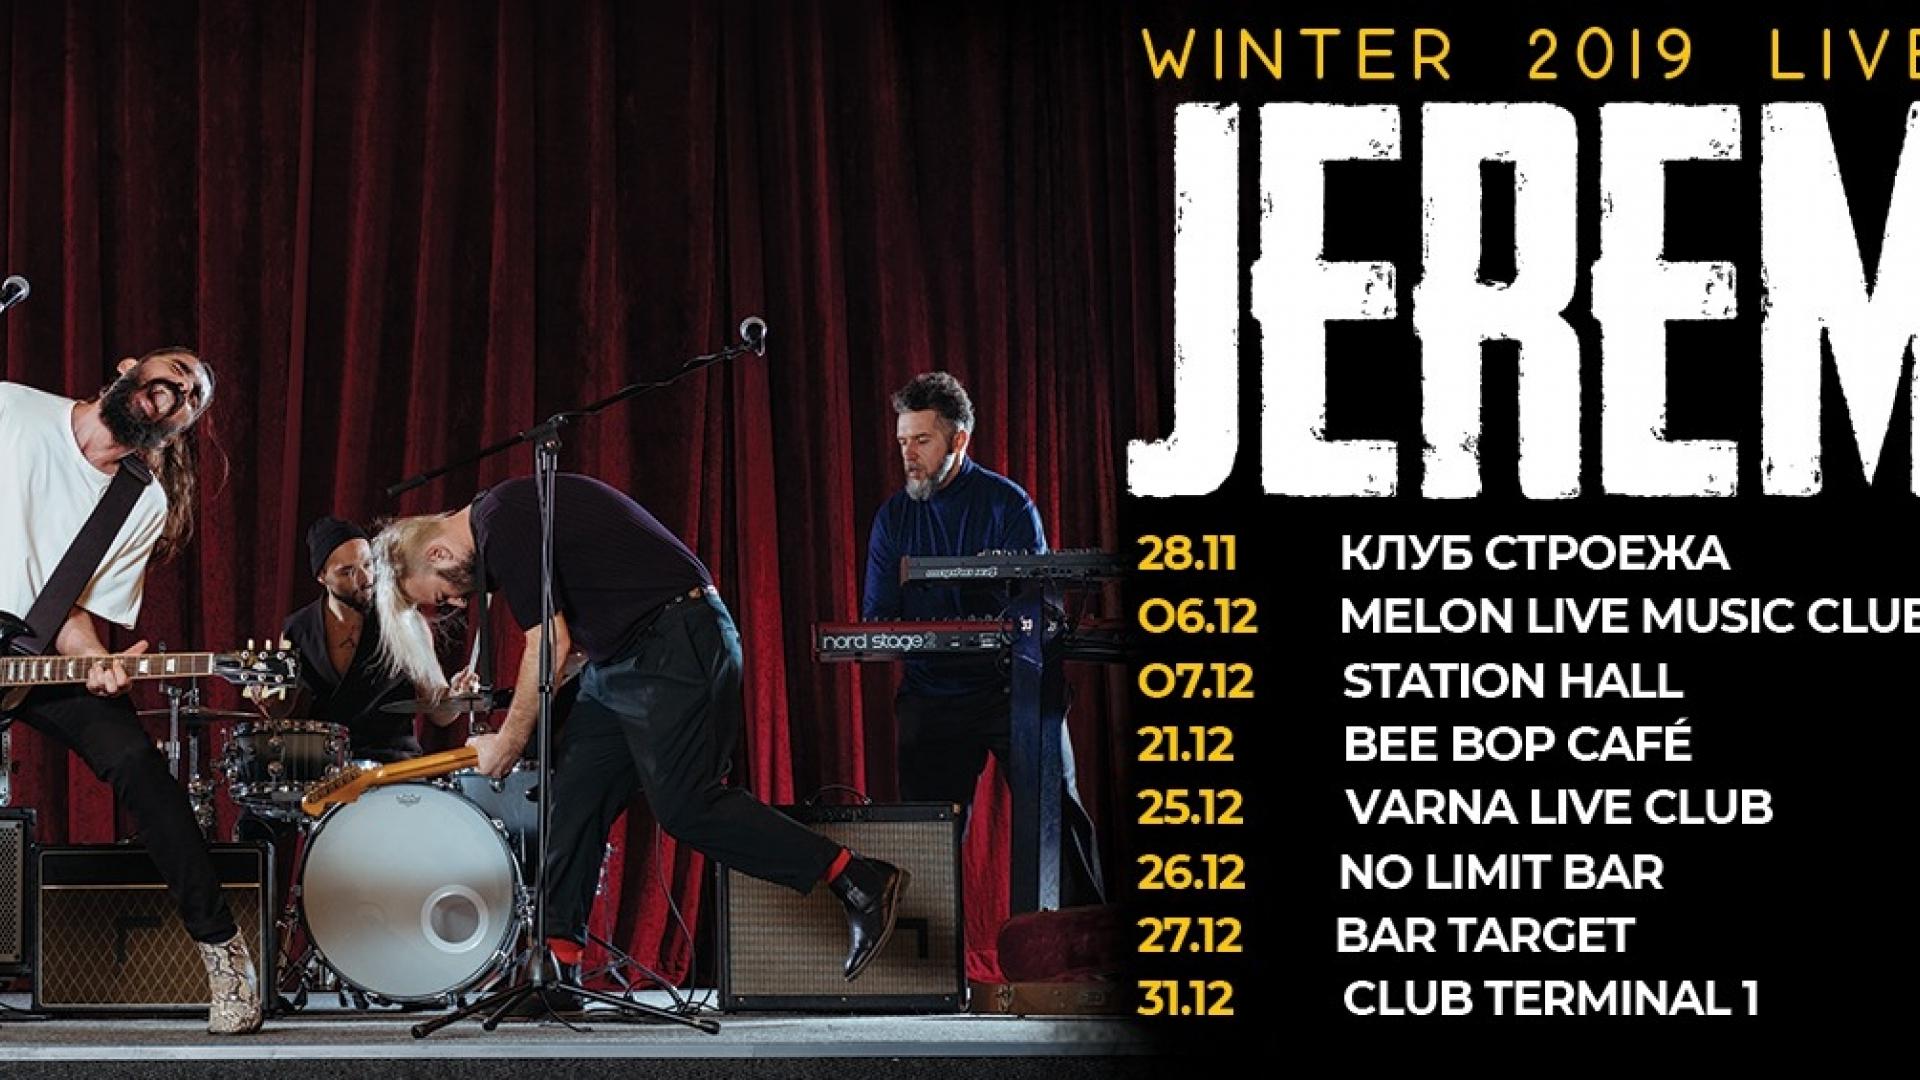 Група JEREMY? в Station Hall на 07.12 (събота) с незаписвани до сега в студио песни